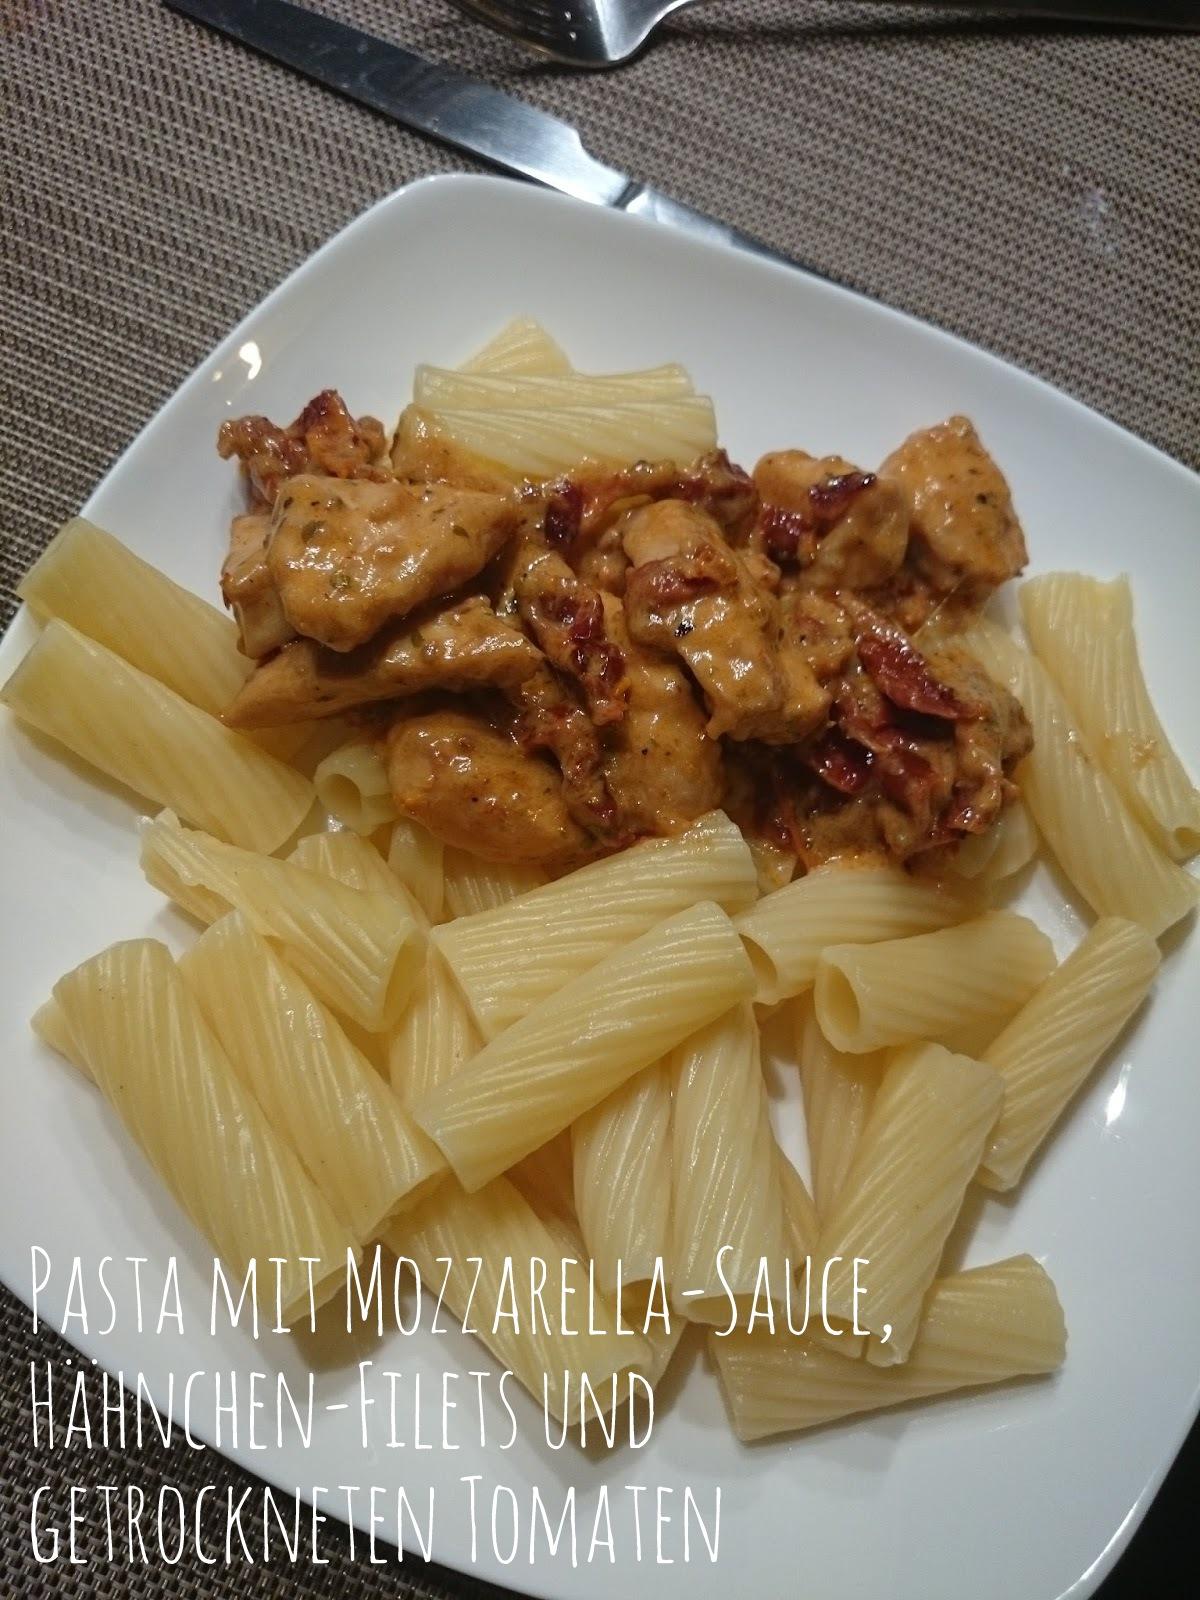 Pasta mit Mozzarella-Sauce, Hähnchen-Filets und getrockneten Tomaten